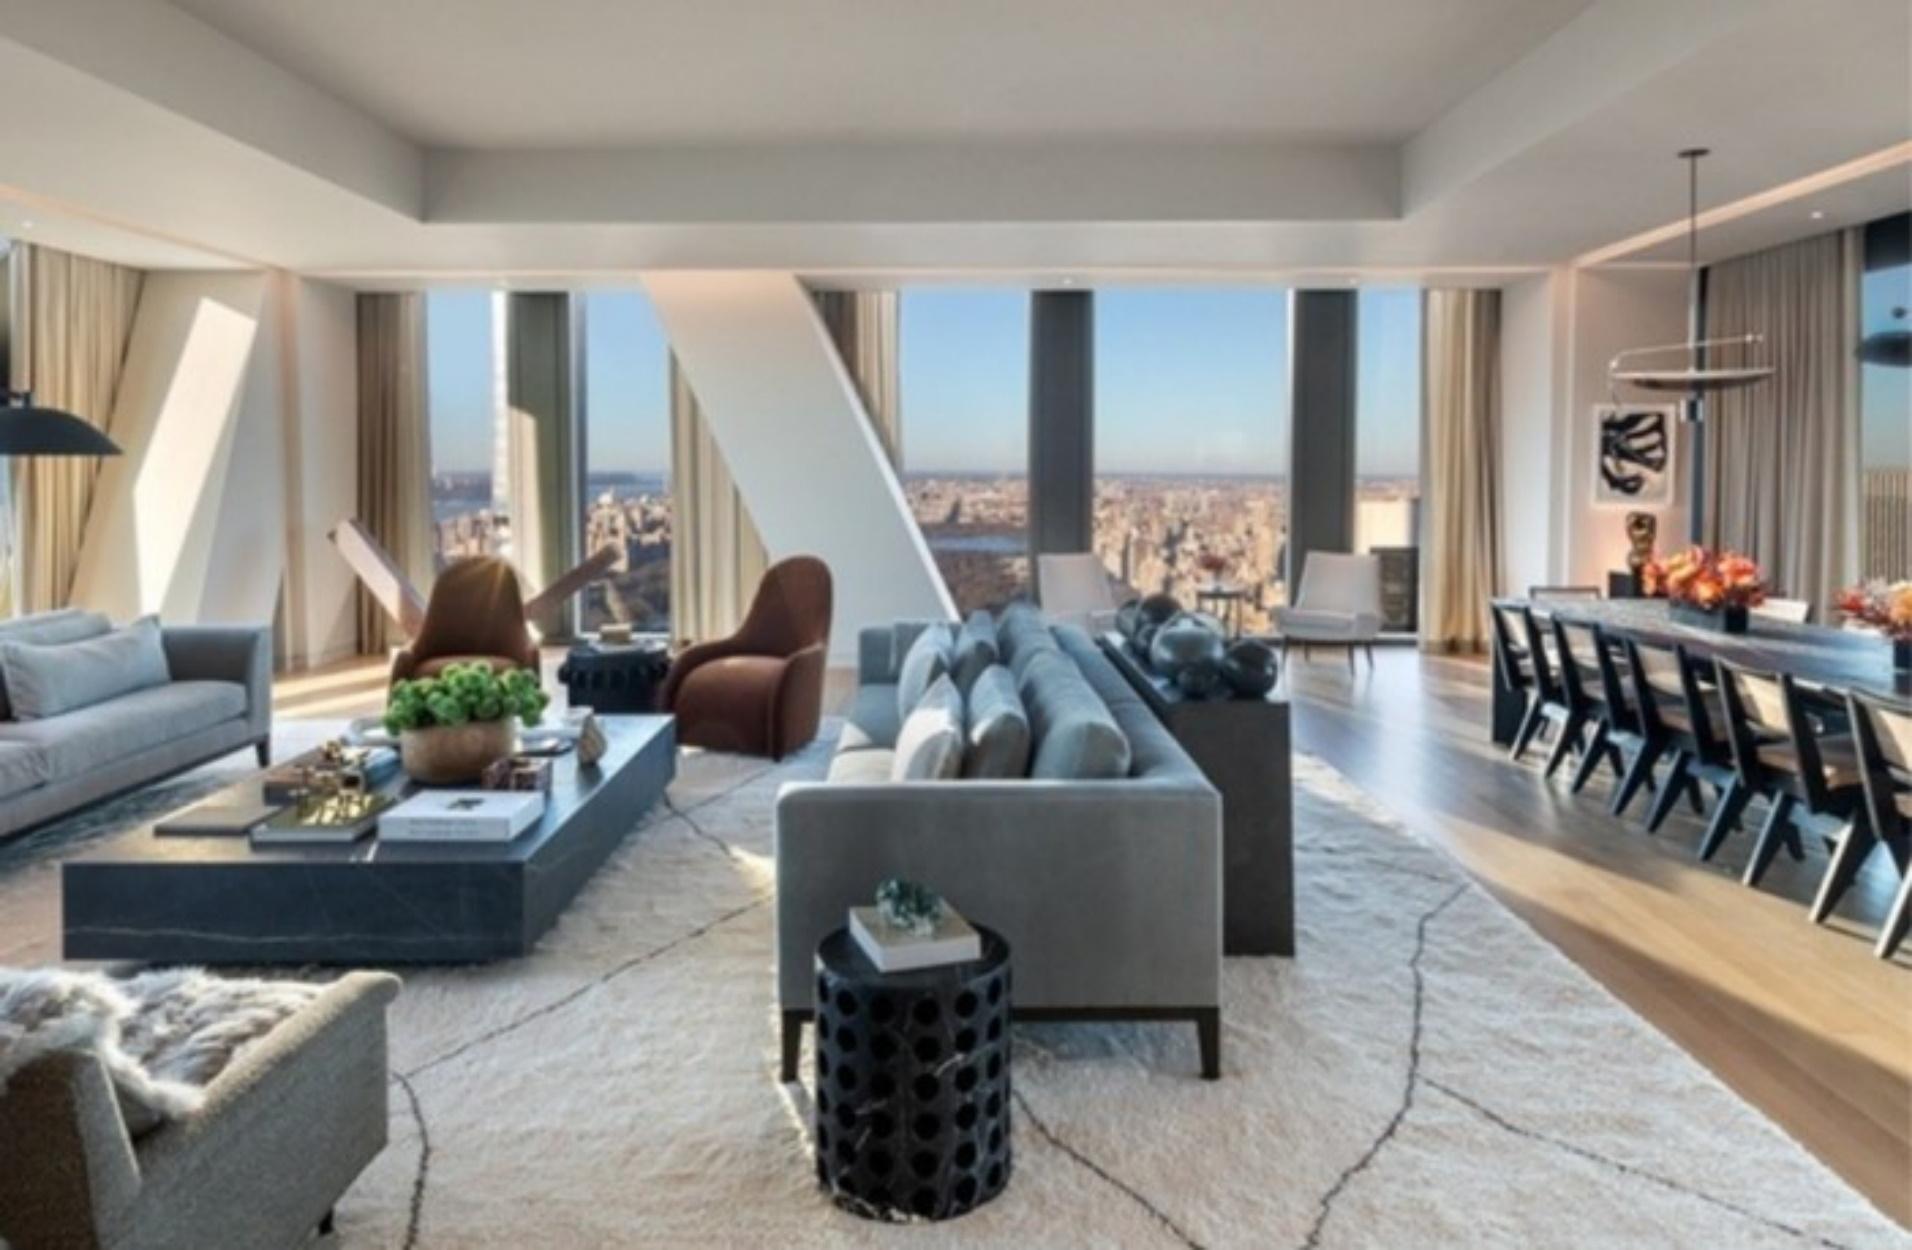 Ένα πολυτελές διαμέρισμα με θέα που πραγματικά κόβει την ανάσα!